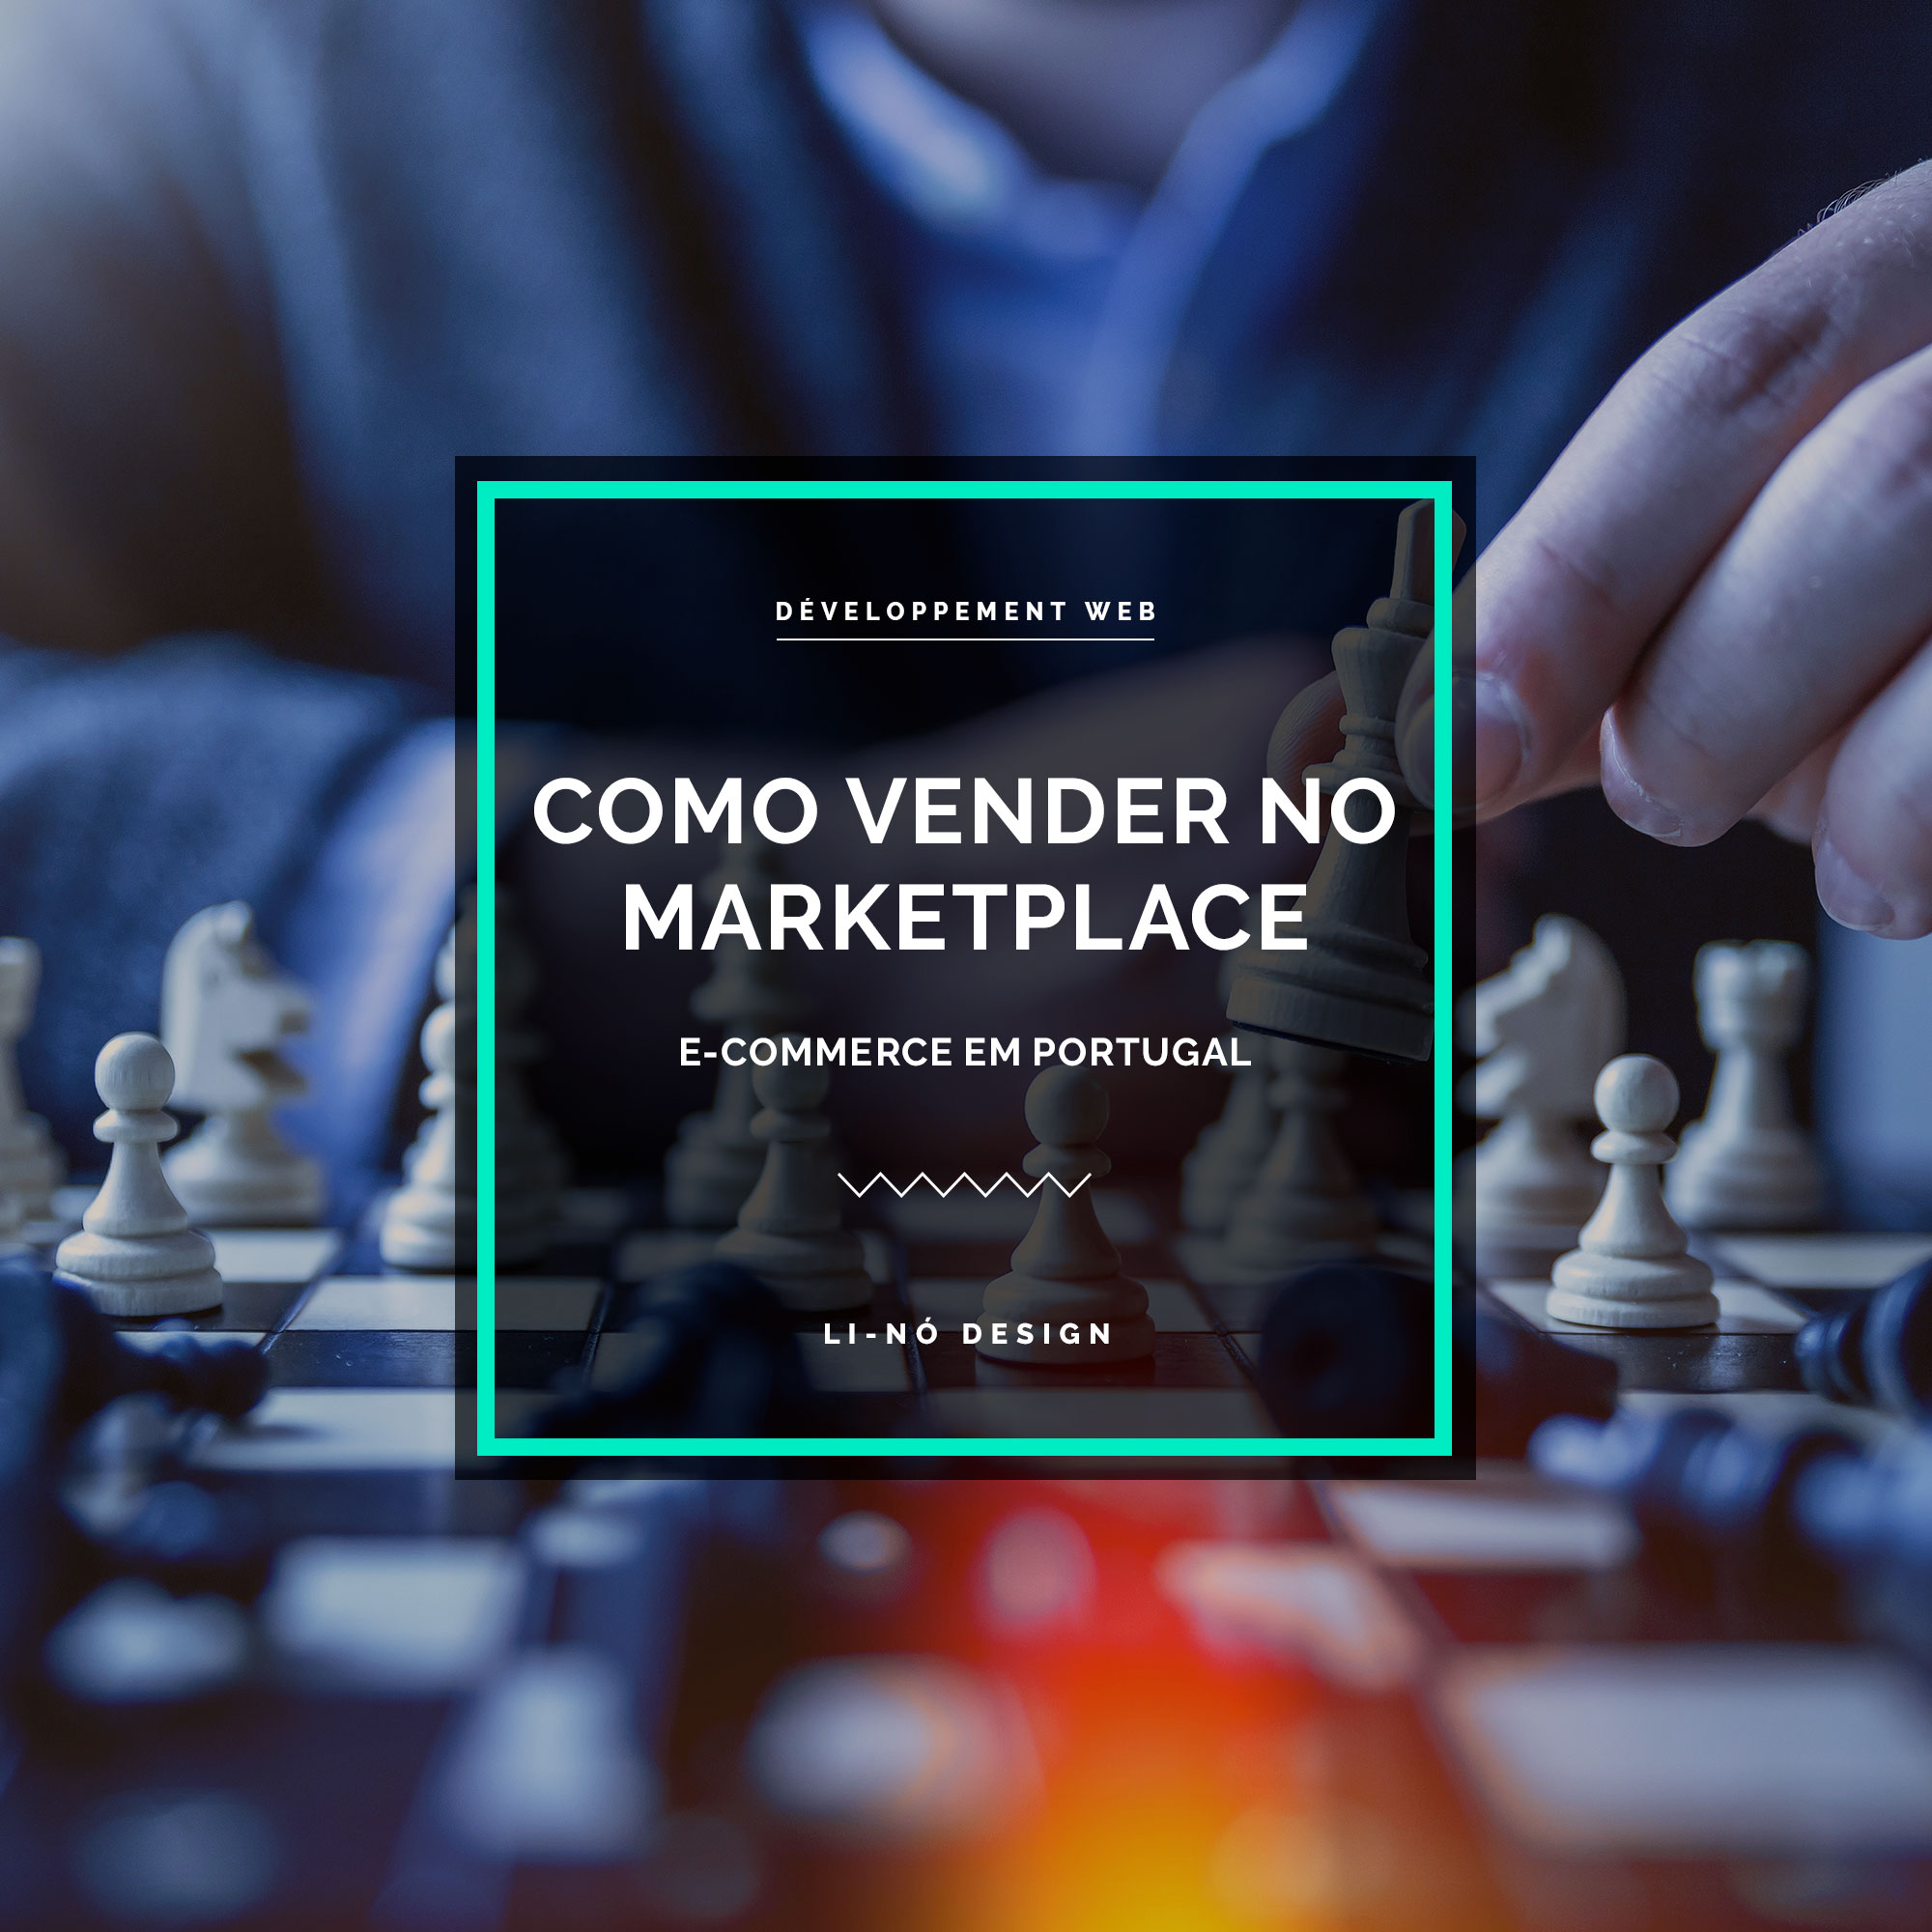 como vender no marketplace em portugal